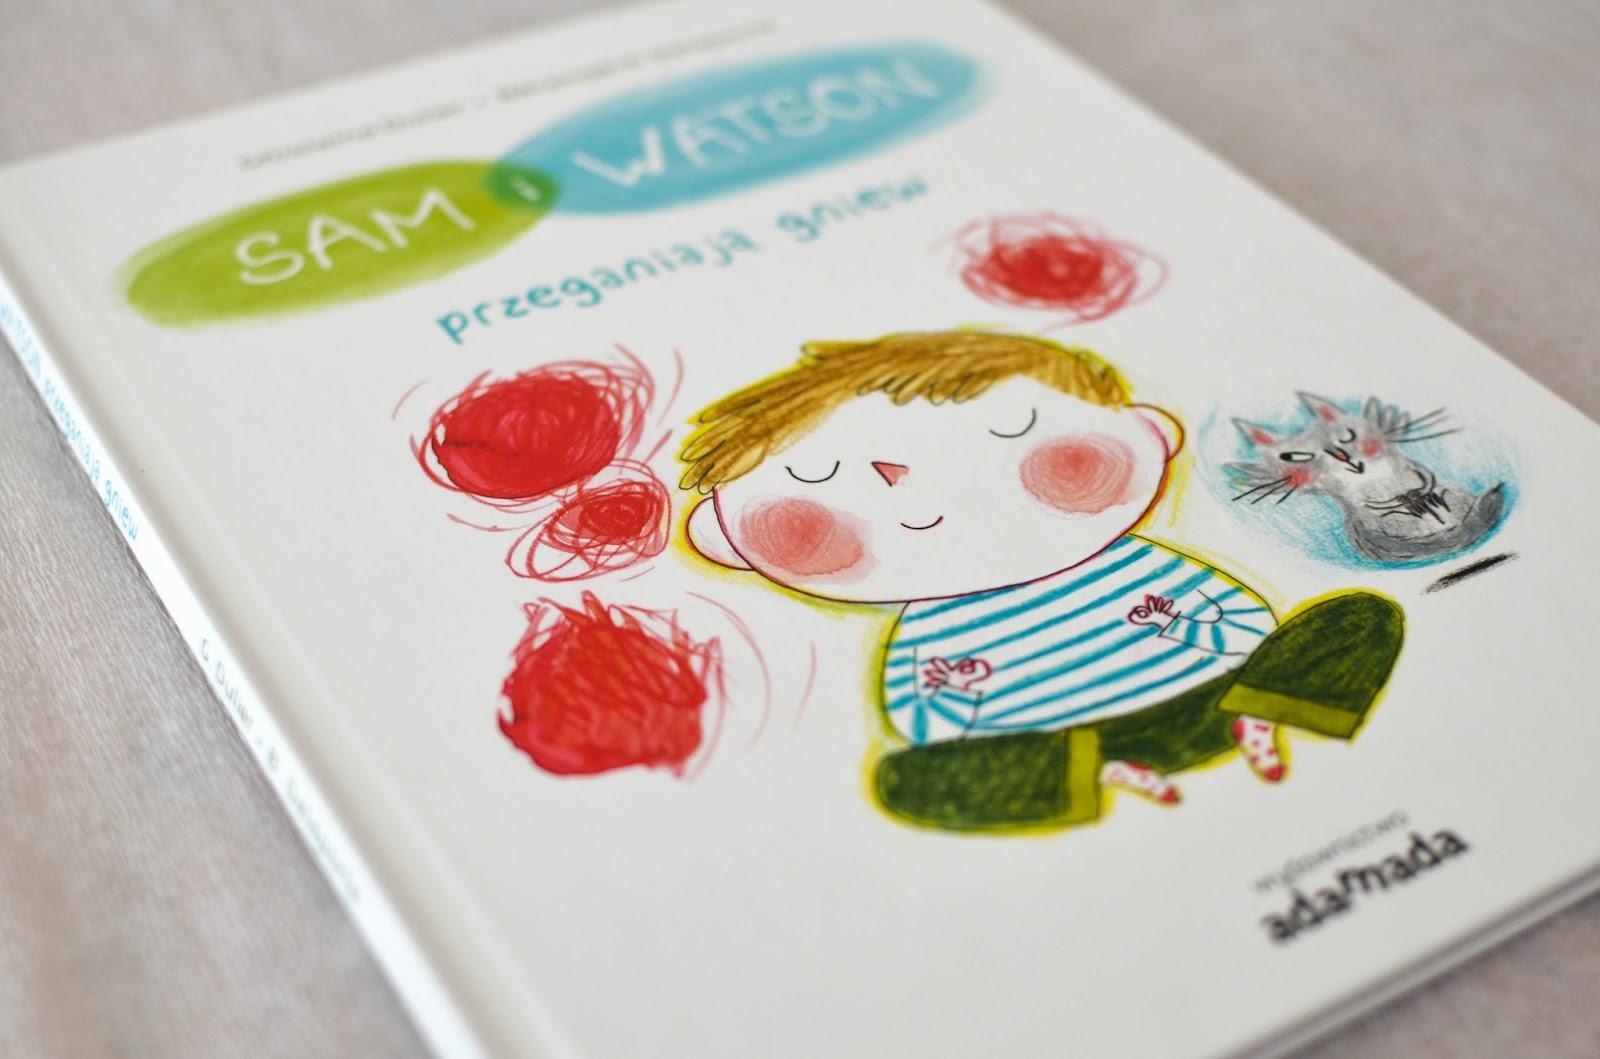 książki dla dzieci o emocjach, książki dla przedszkolaków, książki dla dzieci szkolnych, adamada, sam i watson przeganiają gniew